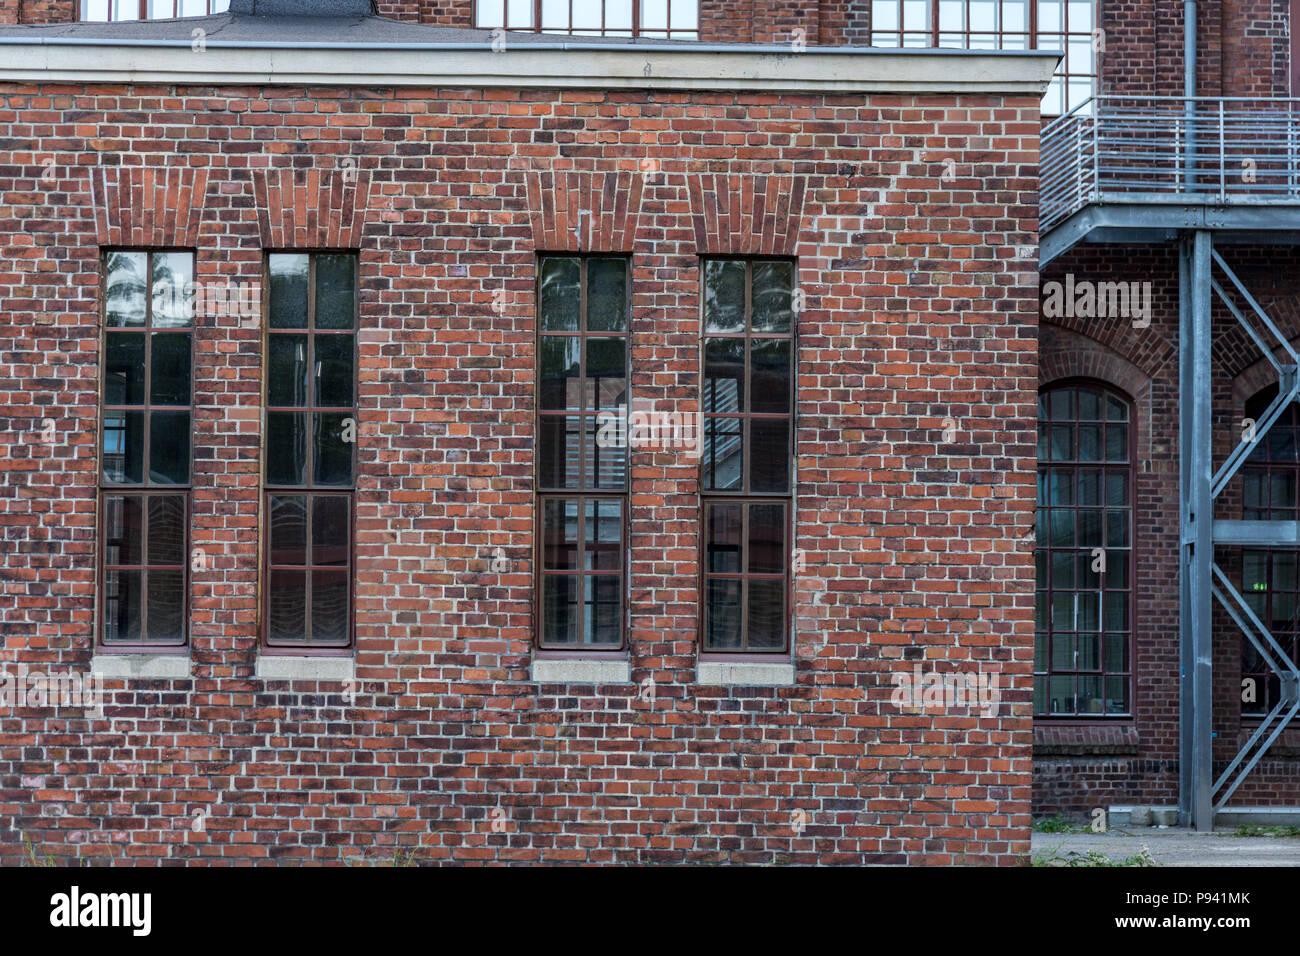 Bauhaus industrial brick essen zollverein - Stock Image